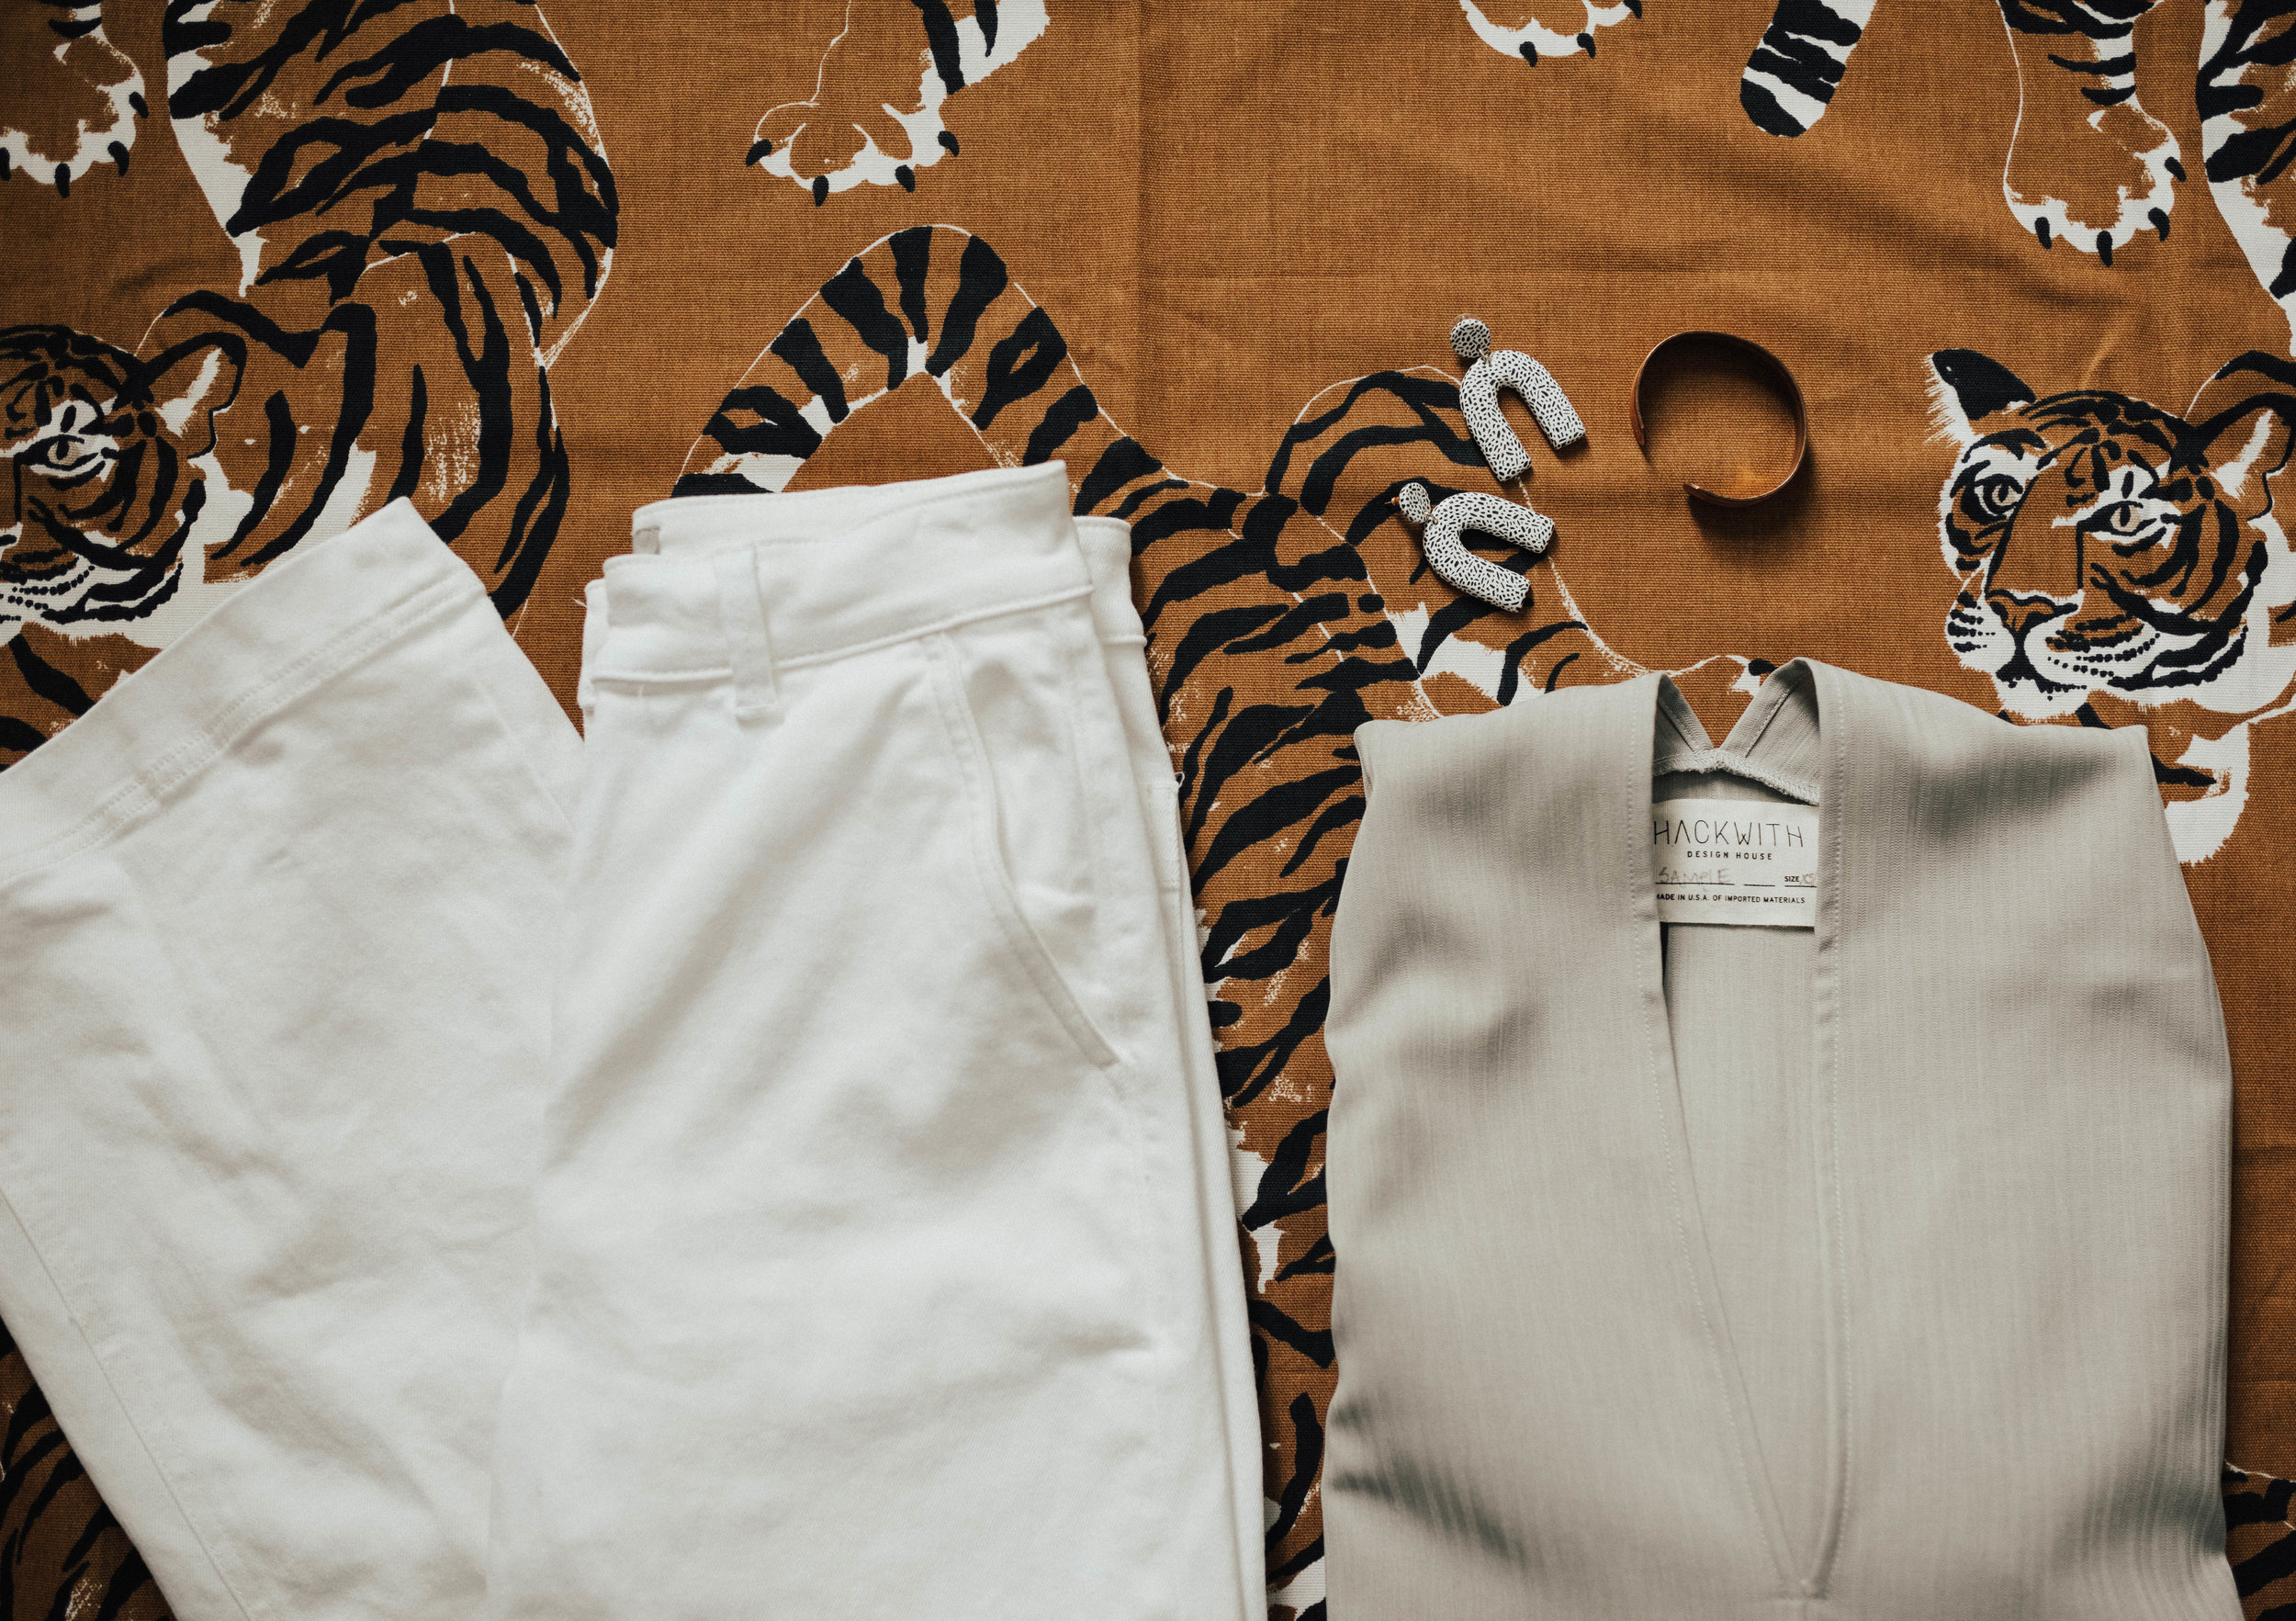 thegoodwear(4of78).jpg